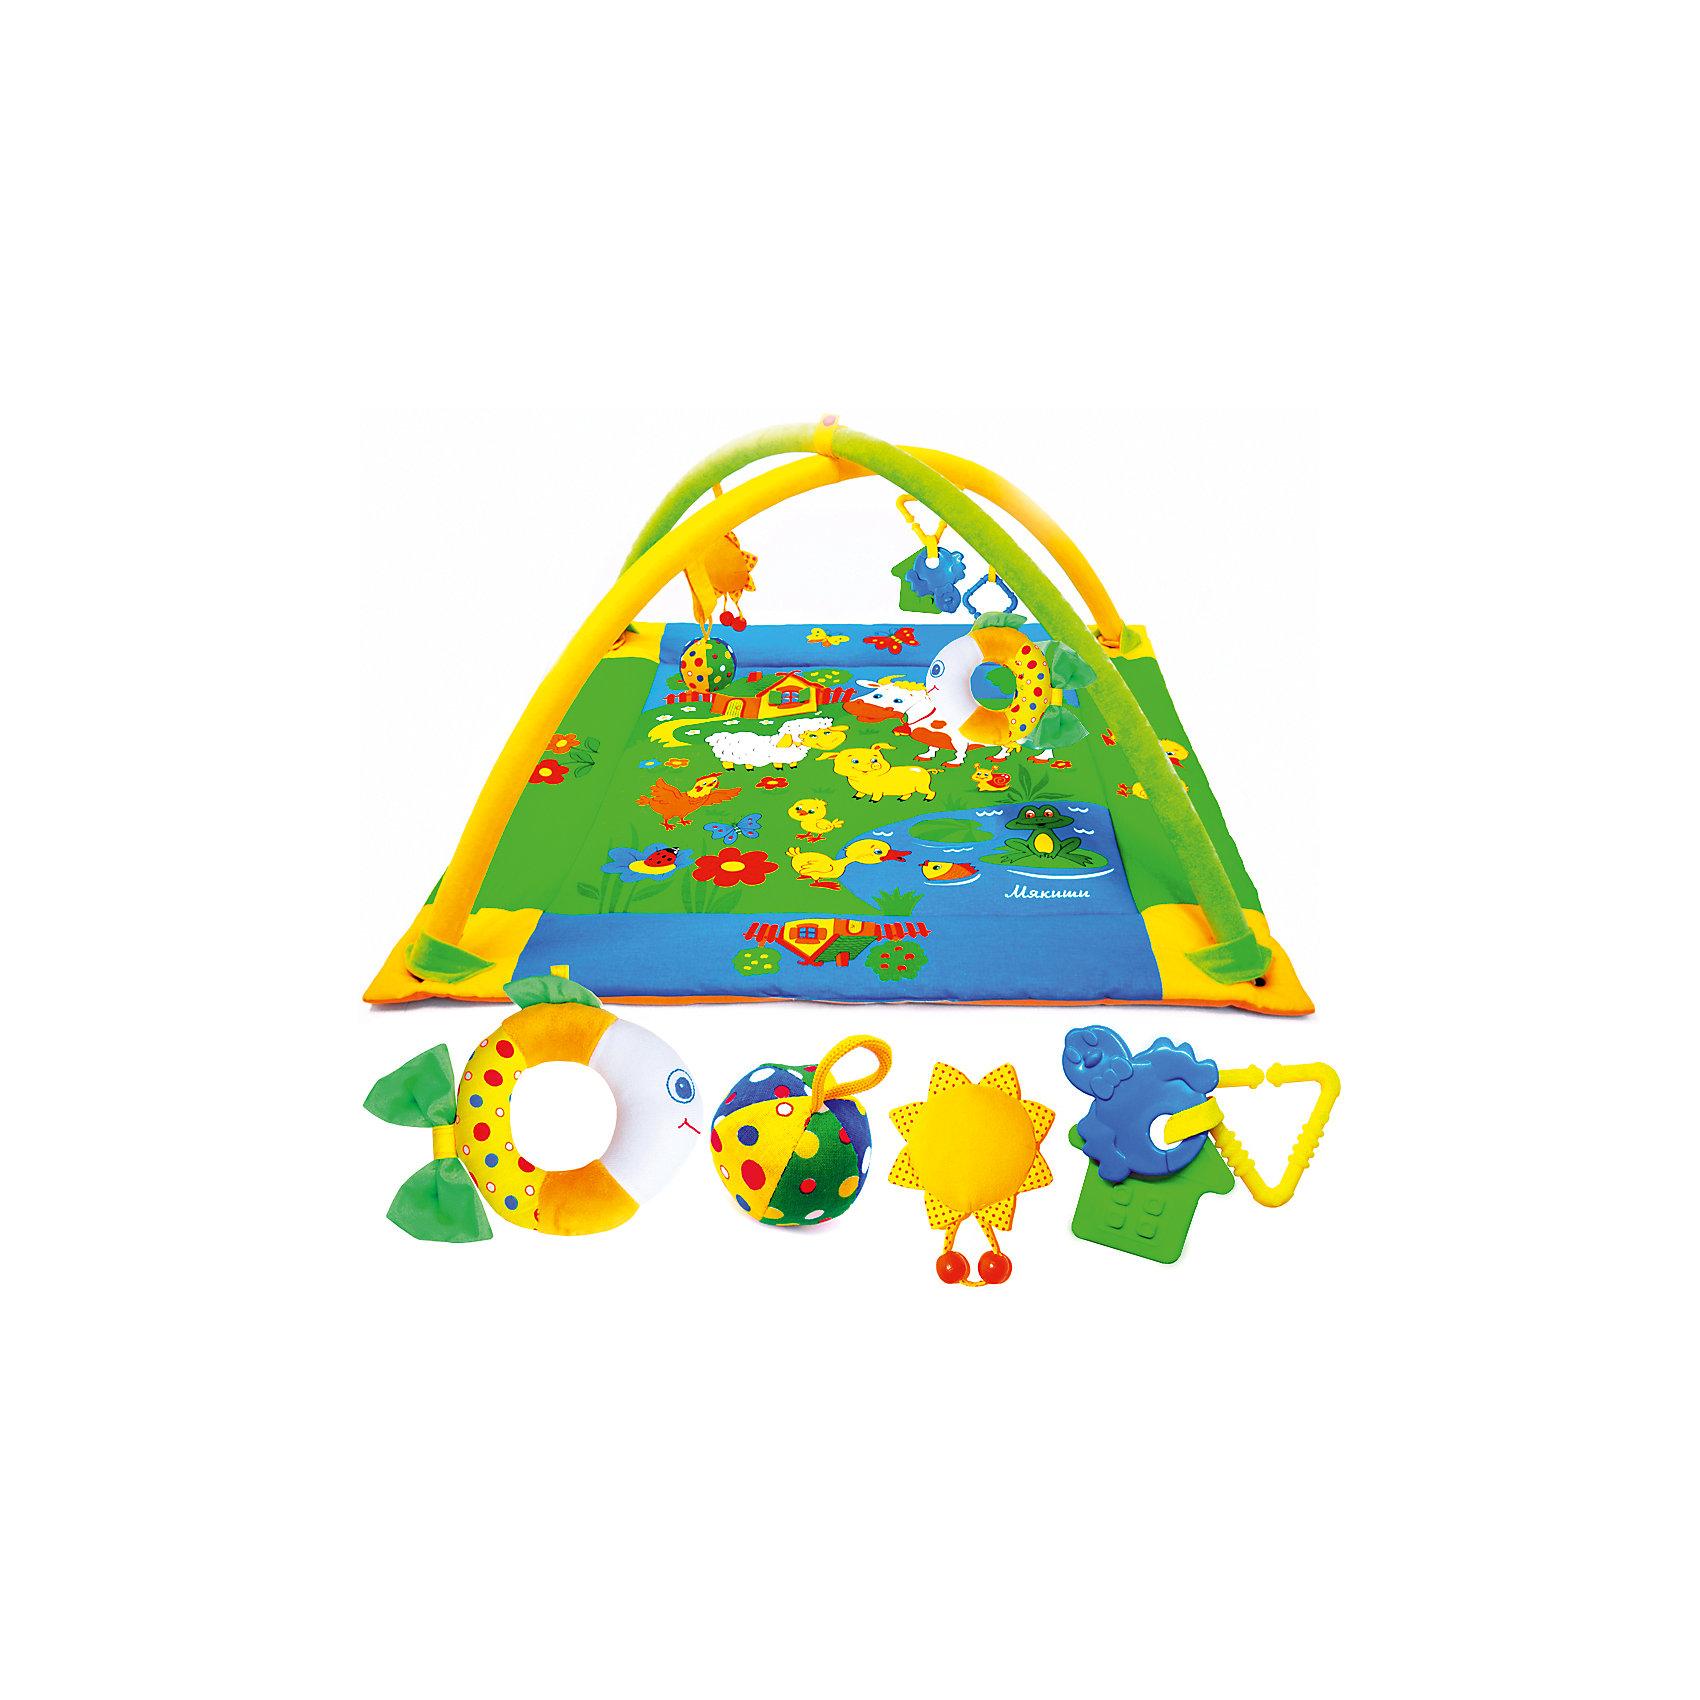 Развивающий коврик Лужайка с рыбкой, МякишиРазвивающие коврики<br>Развивающий коврик Лужайка с рыбкой, Мякиши, непременно привлечет внимание Вашего малыша и поможет в развитии самых важных навыков в первые месяцы жизни. Мягкий красочный коврик украшен изображениями зеленой лужайки с прудиком, домиком и веселыми домашними зверюшками. Благодаря большому размеру ребенок может лежать на коврике на спинке и на животике, а затем и ползать по нему, рассматривая привлекательные картинки и изучая спрятанные секреты. У домика открываются и закрываются текстильные окошки, озеро издает хрустящий звук, а утенок крякает. Дуги в виде арок помогут малышу расслабиться и создают эффект безопасного замкнутого пространства. На них можно повесить мягкие забавные игрушки (входят в комплект) в виде рыбки с погремушкой внутри, мячика-погремушки, звездочки-пищалки, а также два прорезывателя. Коврик от Мякишей - это прекрасный сенсорный тренажер, который учит малыша ориентироваться в пространстве, развивает тактильное, звуковое и цветовое восприятия, координацию движений и мелкую моторику рук.<br><br>Дополнительная информация:<br><br>- Комплект: коврик, 2 дуги, 3 игрушки, 2 прорезывателя.<br>- Материал: 100% х/б ткань, мех, трикотаж, холлофайбер, фурнитура.<br>- Размер коврика: 90 х 90 см.<br>- Размер упаковки: 85 х 61,5 х 7 см.<br>- Вес: 1,2 кг.<br><br>Развивающий коврик Лужайка с рыбкой, Мякиши, можно купить в нашем интернет-магазине.<br><br>Ширина мм: 900<br>Глубина мм: 900<br>Высота мм: 150<br>Вес г: 1200<br>Возраст от месяцев: 0<br>Возраст до месяцев: 24<br>Пол: Унисекс<br>Возраст: Детский<br>SKU: 4424927